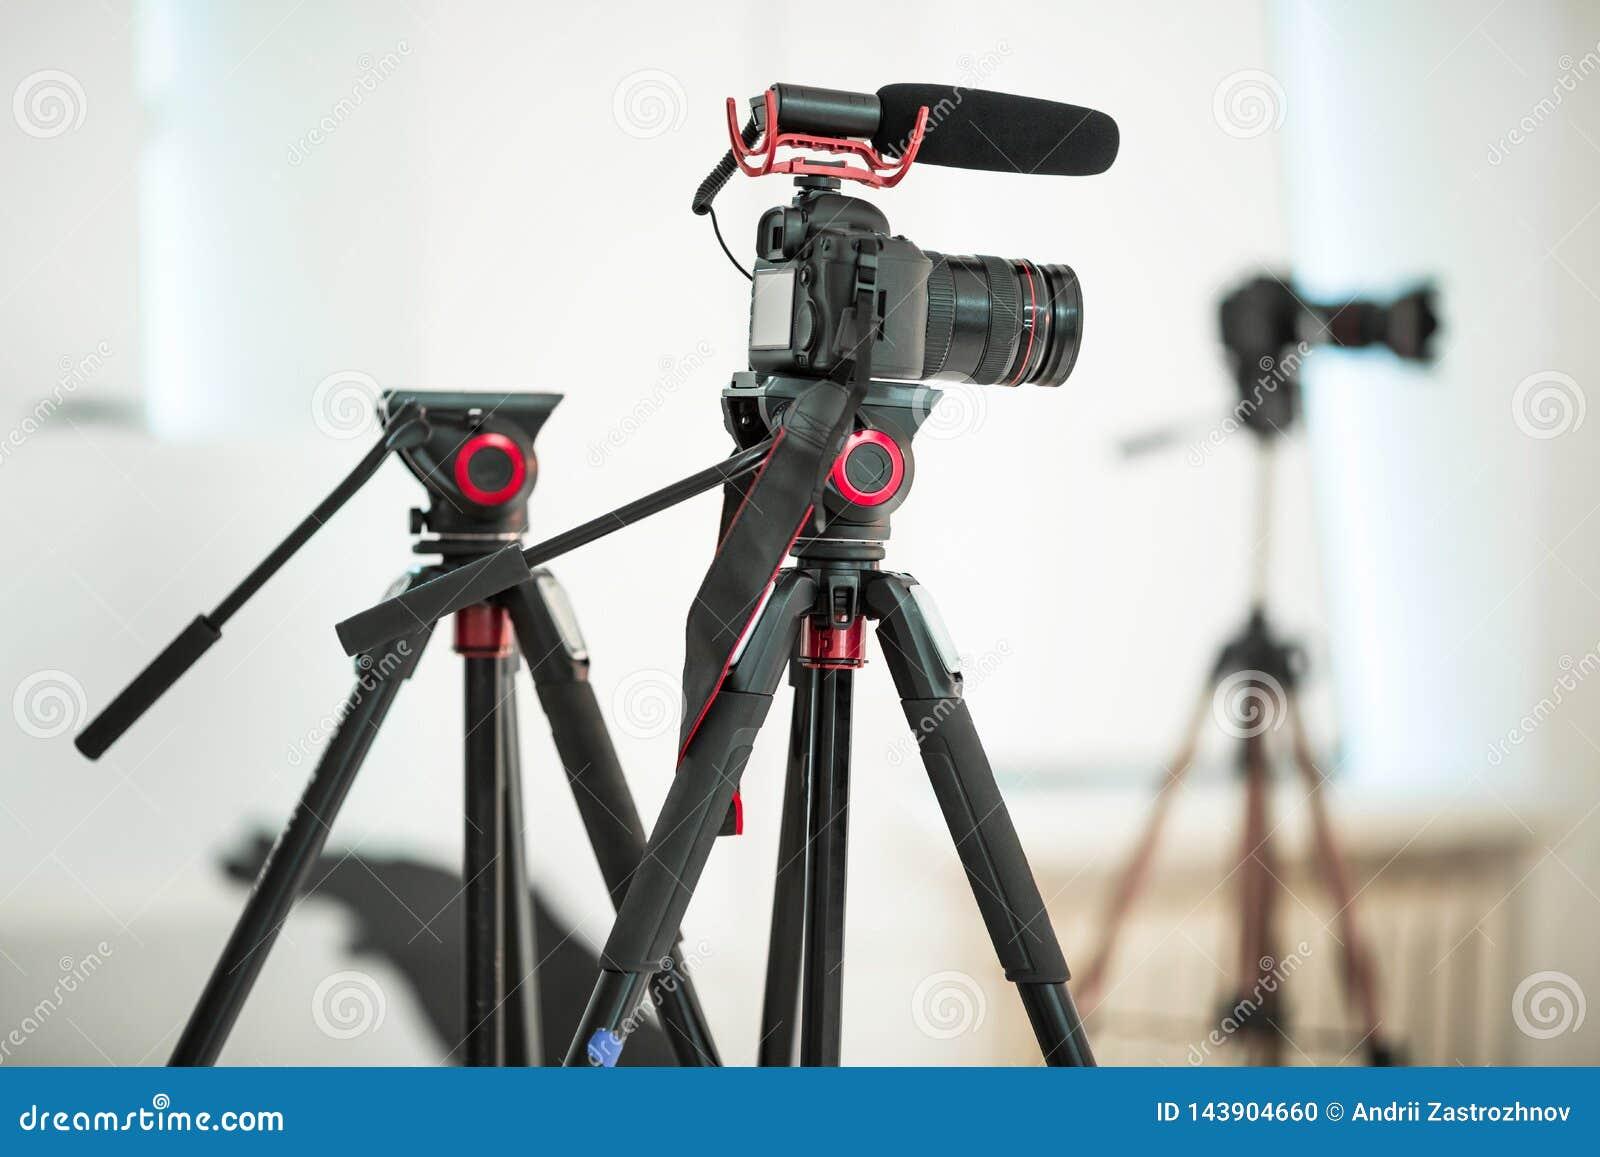 Συνέντευξη έννοιας, ψηφιακή κάμερα σε ένα τρίποδο με ένα μικρόφωνο στο στούντιο σε ένα άσπρο υπόβαθρο